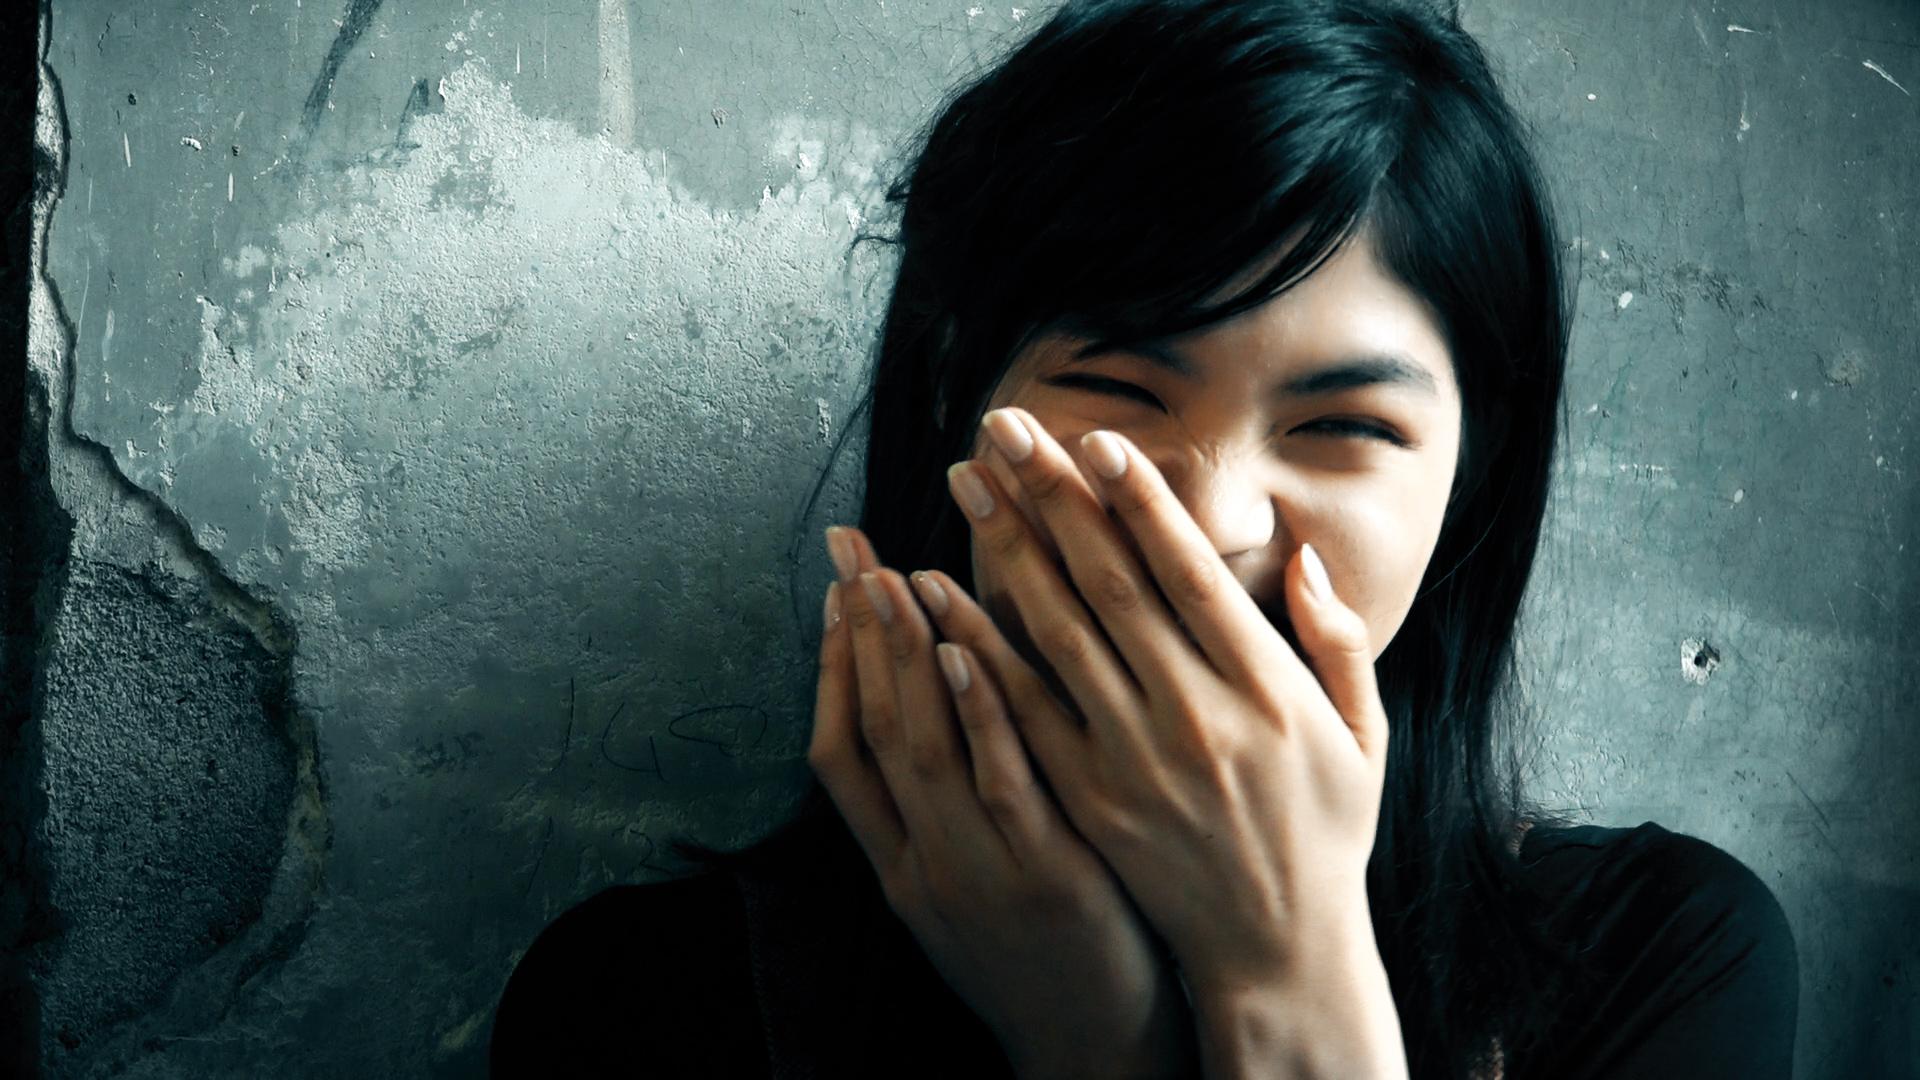 Rina Fukushi in 30 secondi